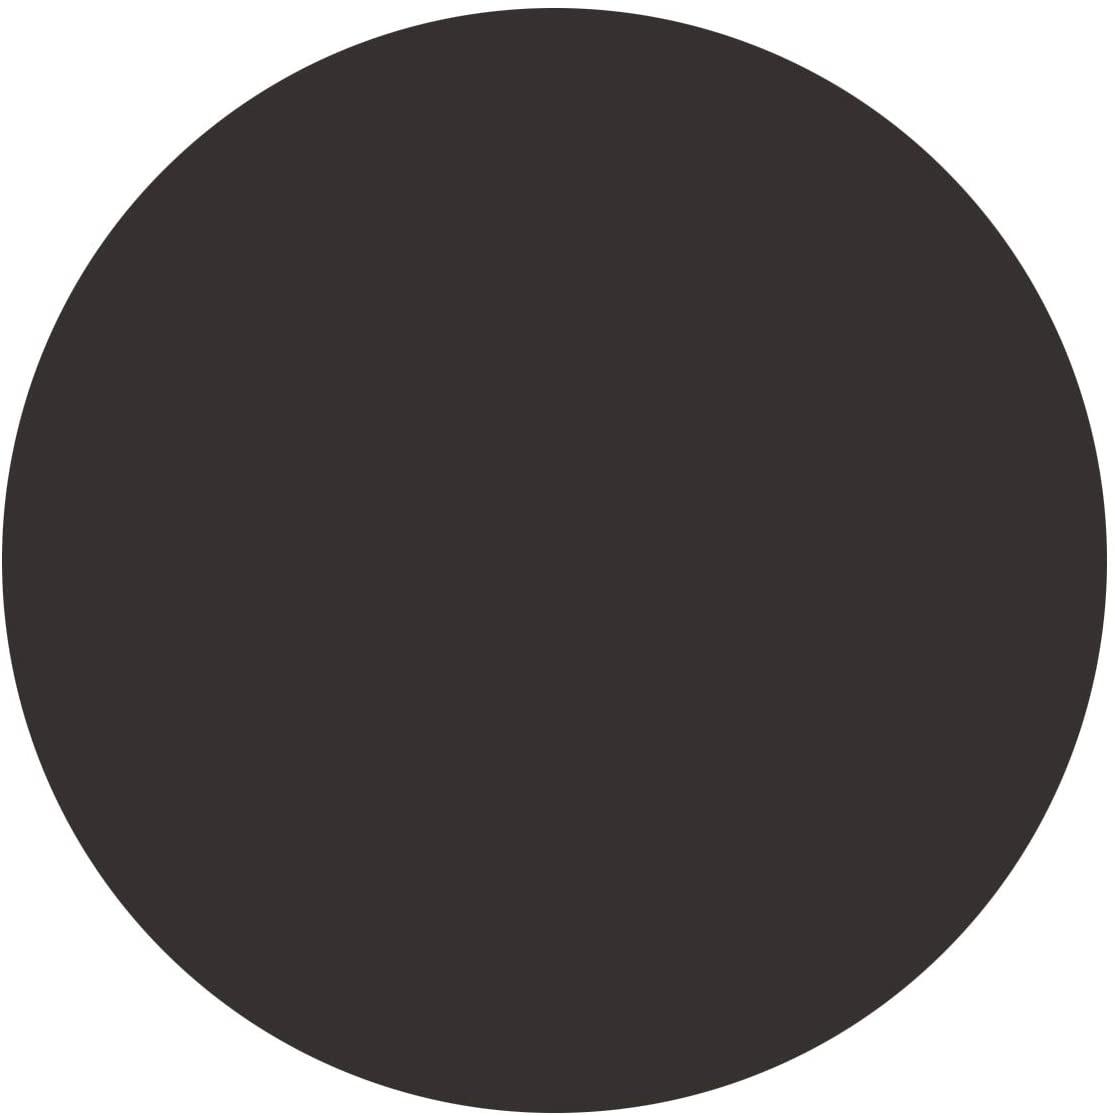 FASIO(ファシオ) パワフルステイ ジェルライナーの商品画像6